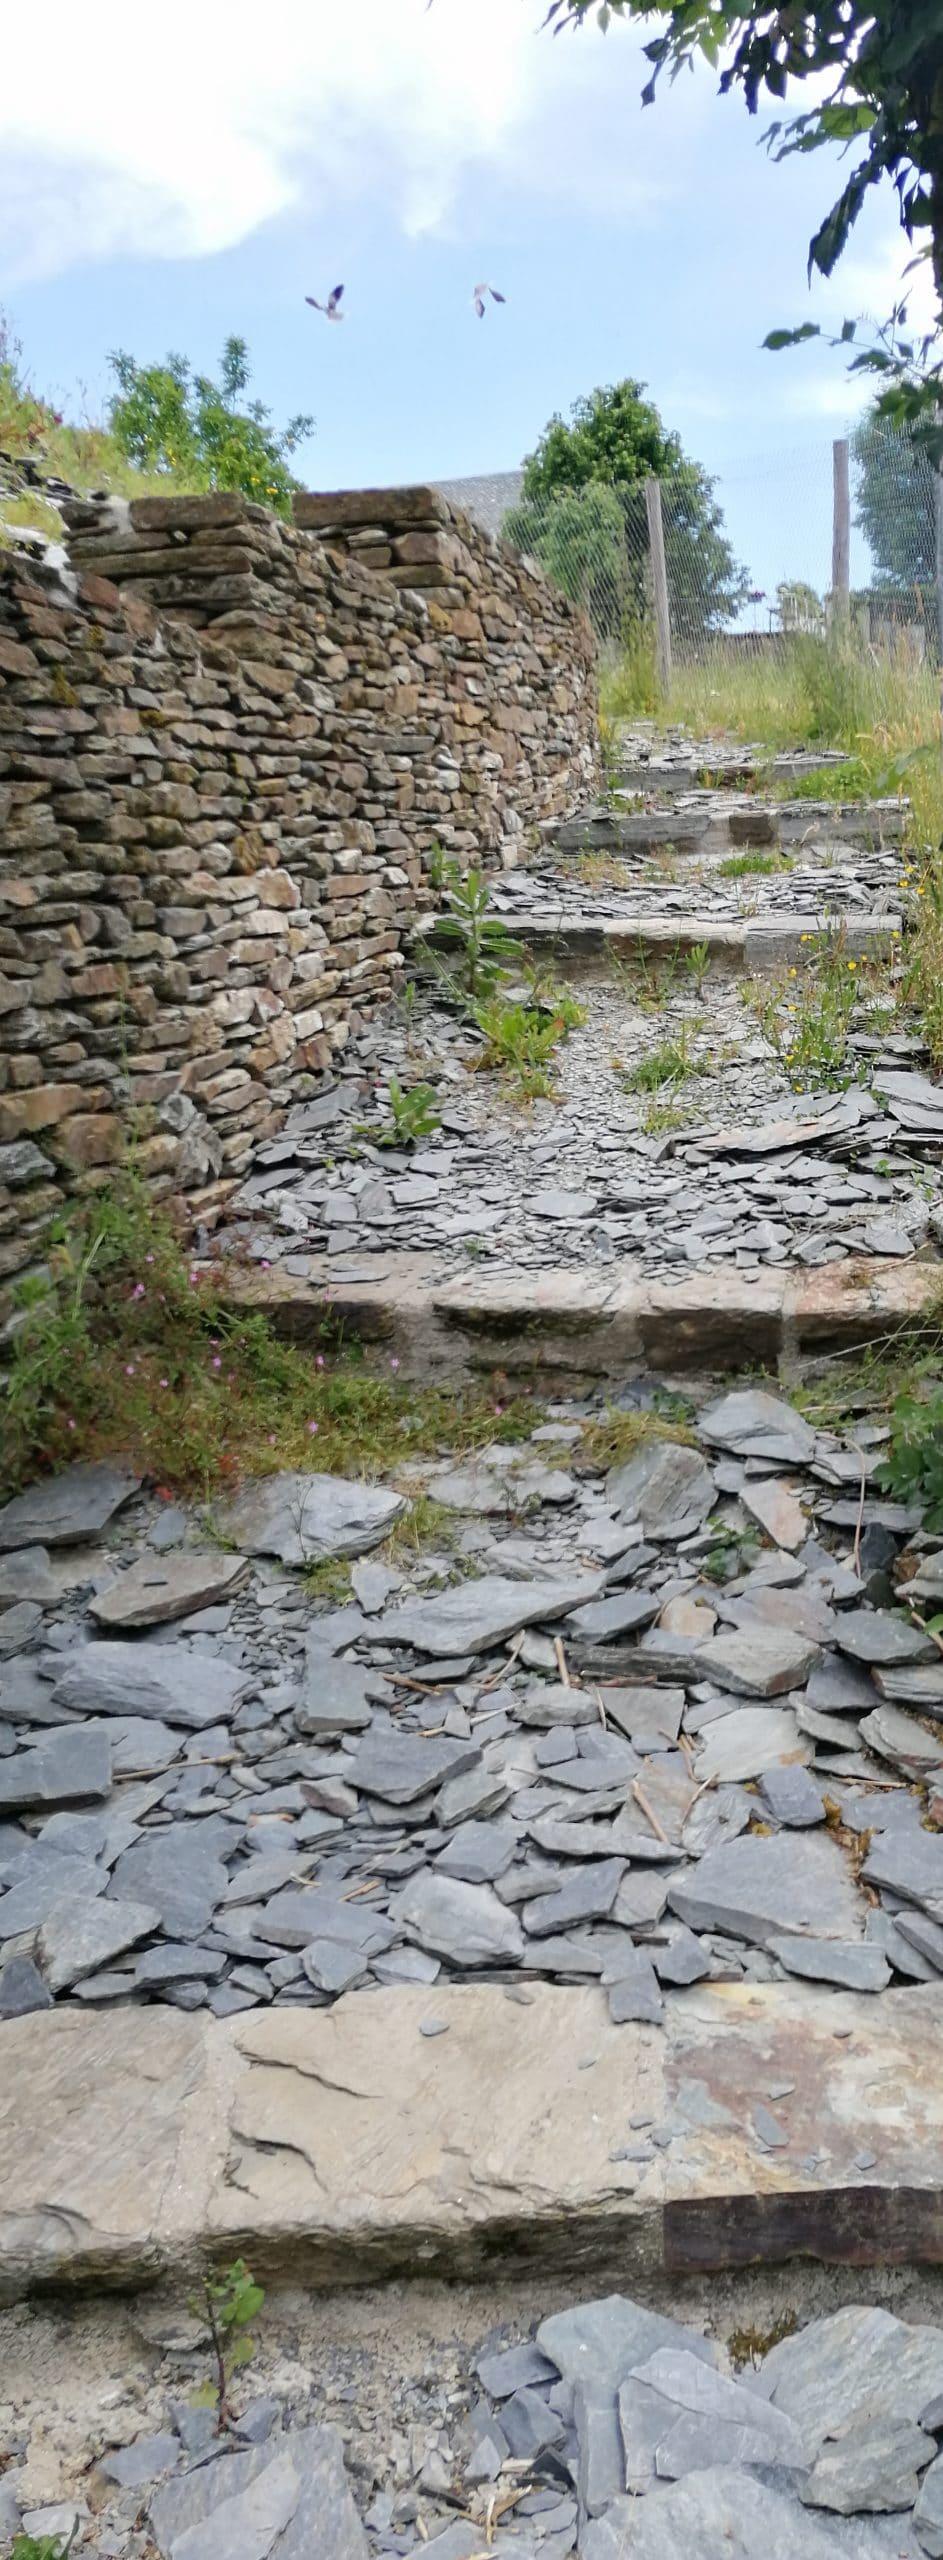 Parcours Le Cayrol Trail d'Aqui est l'espace trail de la Communauté de Communes Comtal Lot Truyère. 21 parcours (Bessuéjouls, Bozouls, Campuac, Coubisou, Entraygues, Espalion, Espeyrac, Estaing, Gabriac, Golinhac, La Loubière, Lassouts, Le Cayrol, Le Fel, Le Nayrac, Montrozier, Rodelle, Saint-Côme-d'Olt, Saint-Hippolyte, Sébrazac, Villecomtal) et 2 parcours demi-kilomètre vertical permettent de découvrir plus de 500 kilomètres de chemins et monotraces.